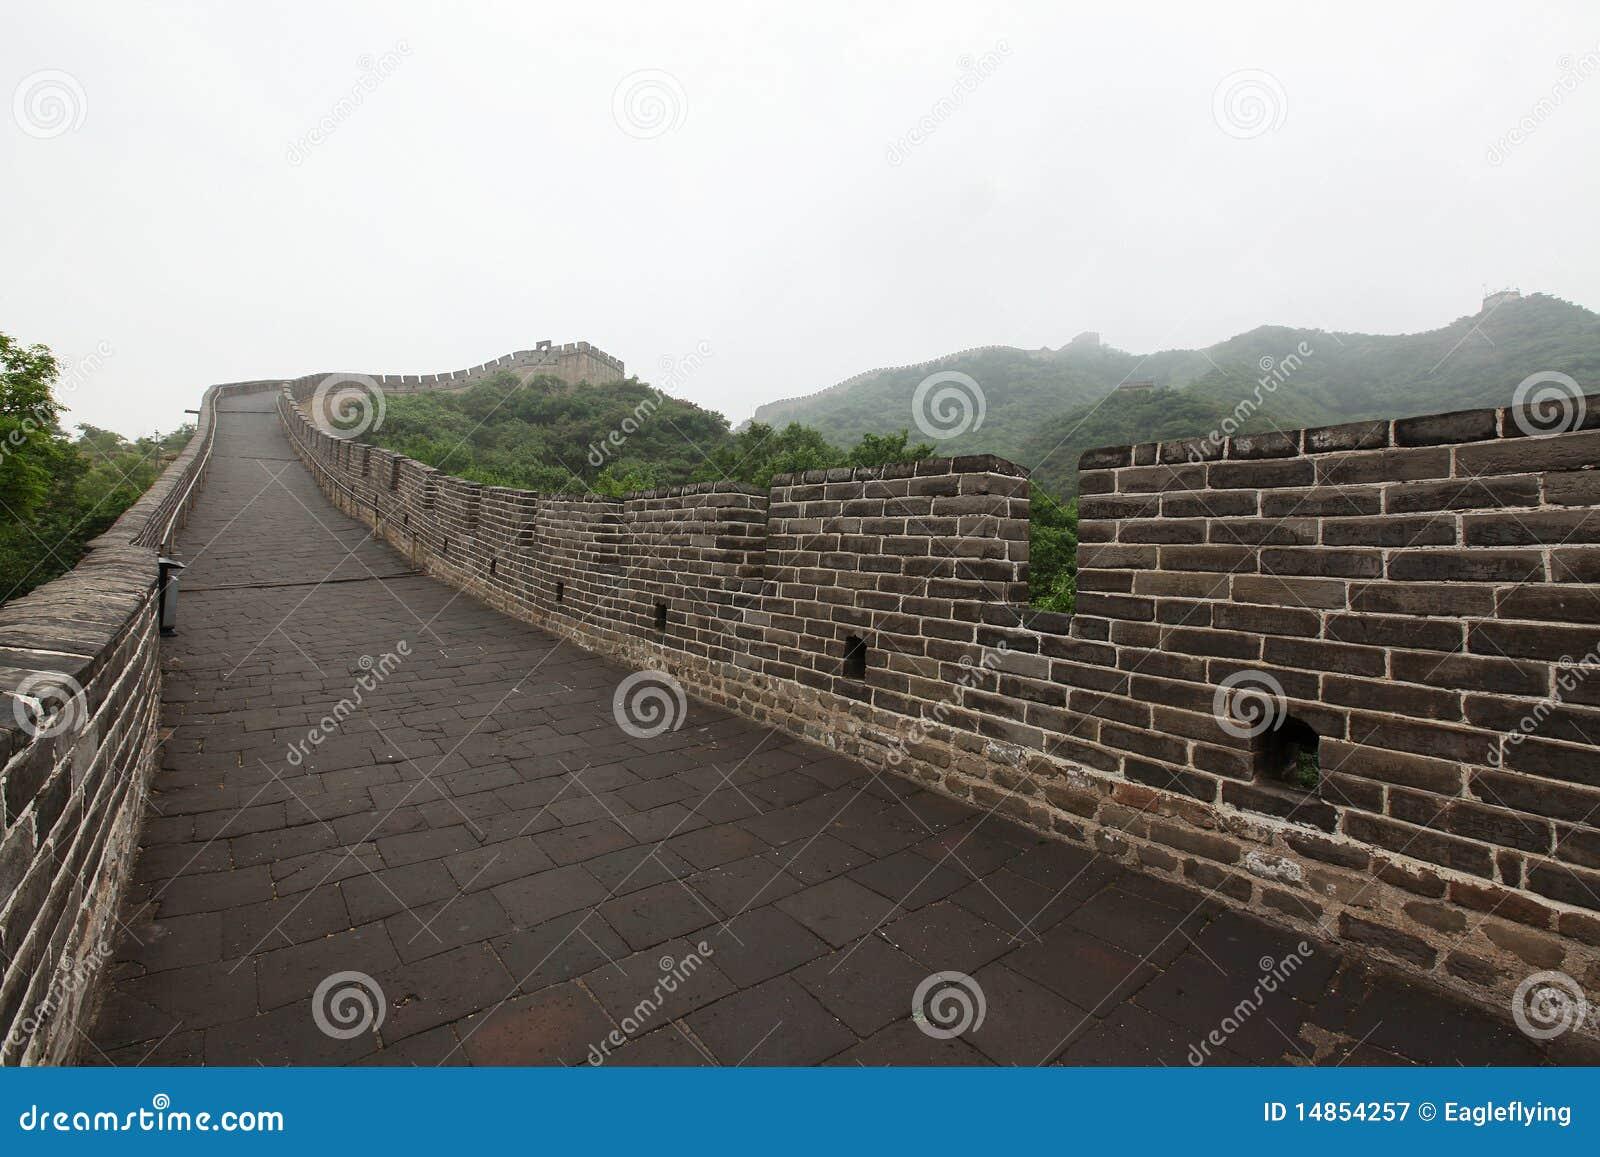 Badaling Great Wall, Beijing, China